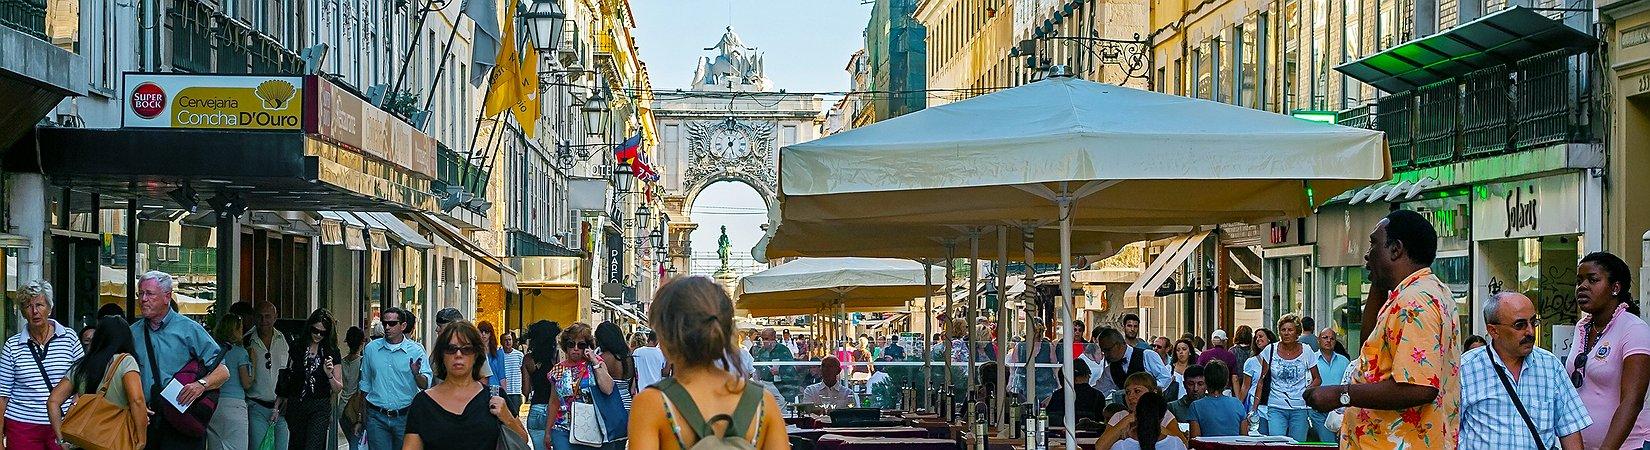 Turismo gerou quase um terço dos postos de trabalho criados em 2016